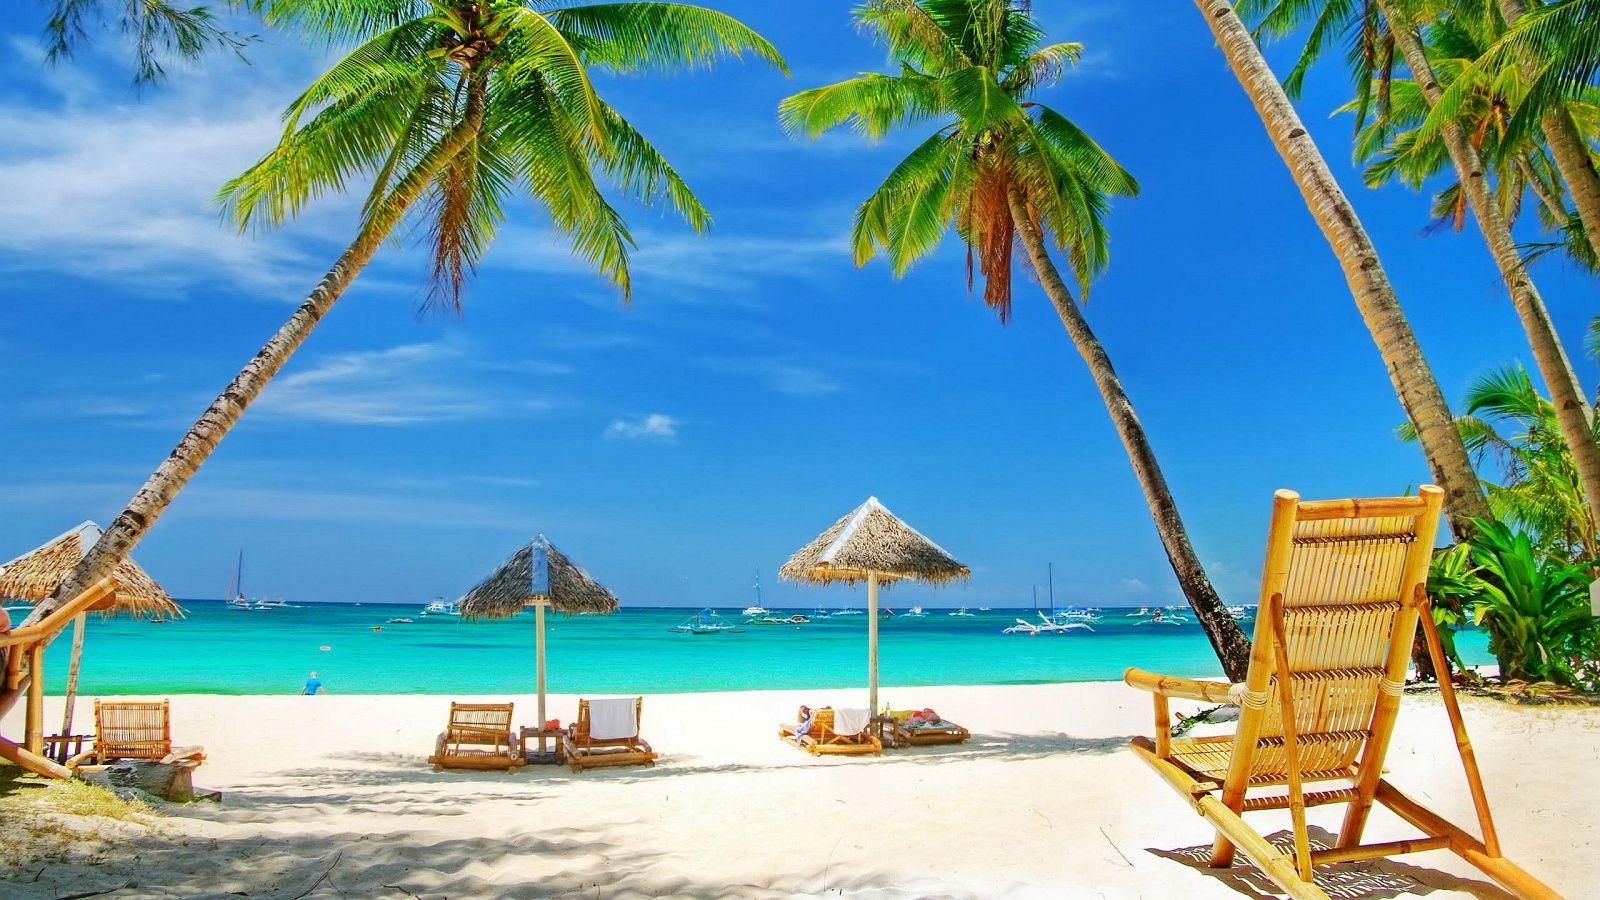 palmiers soleil plages paradisiaques sable fin et blanc vacances sont tous des synonymes des. Black Bedroom Furniture Sets. Home Design Ideas